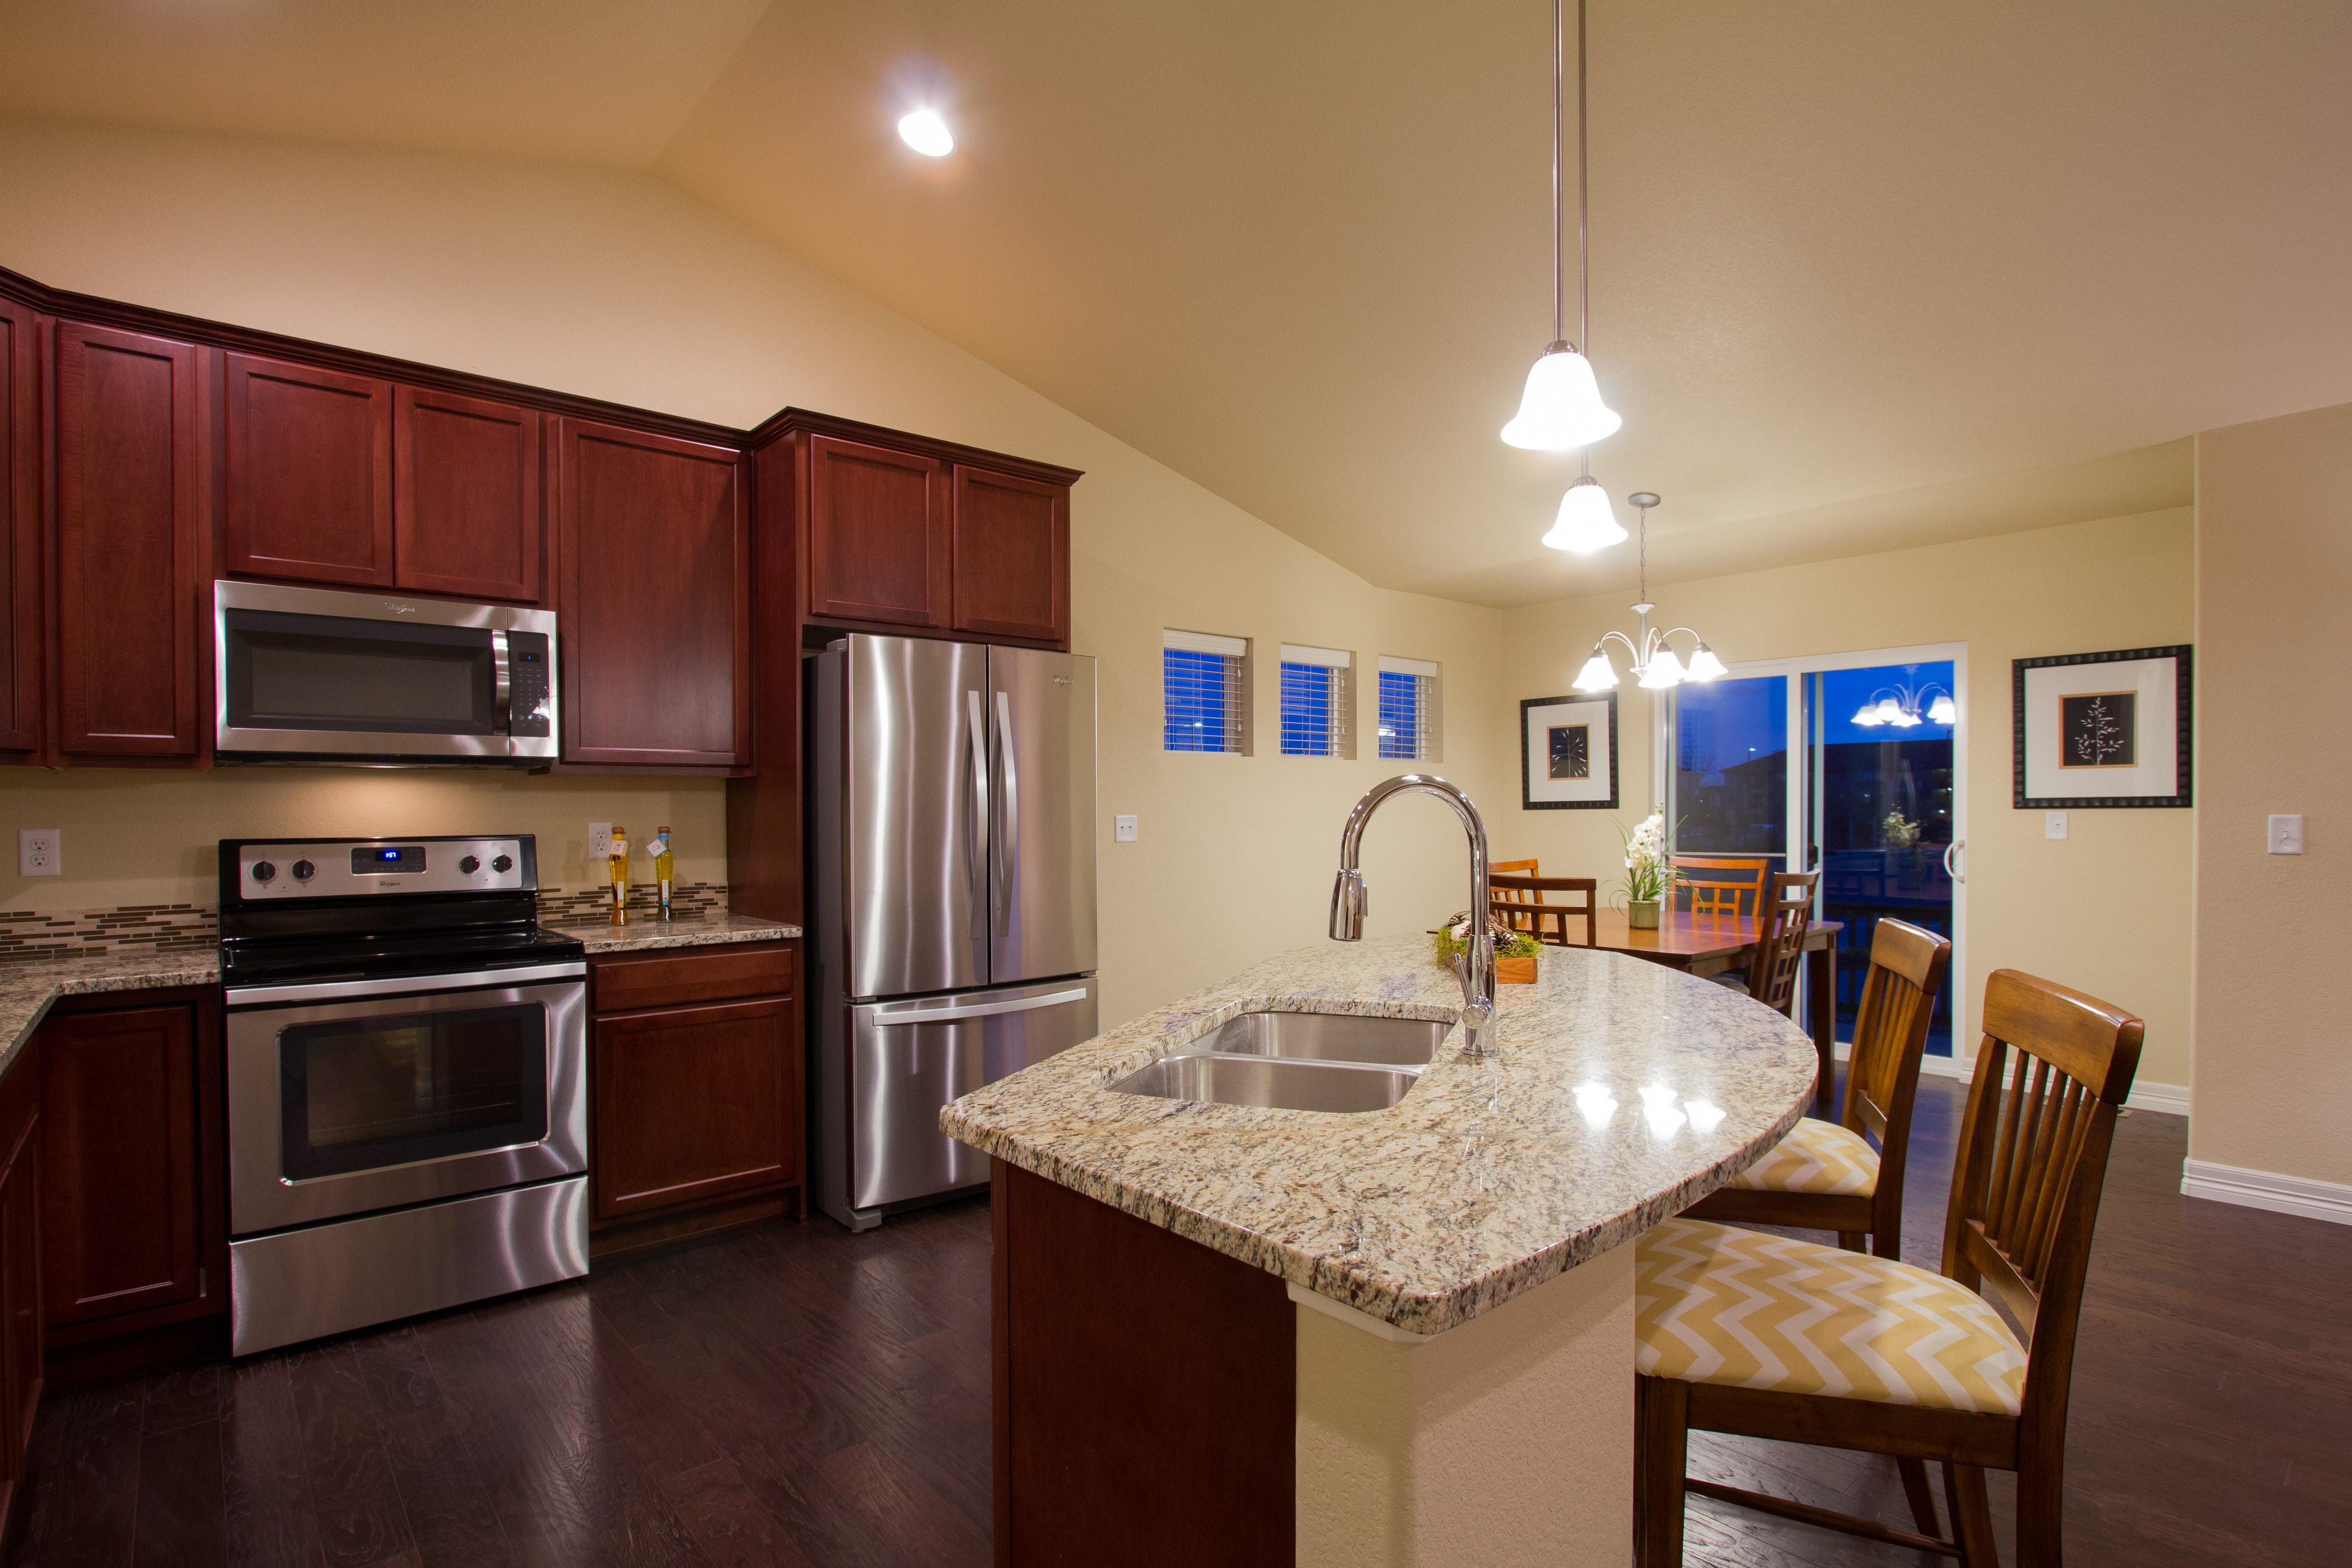 05-silverthorne-milliken-kitchen-new_home